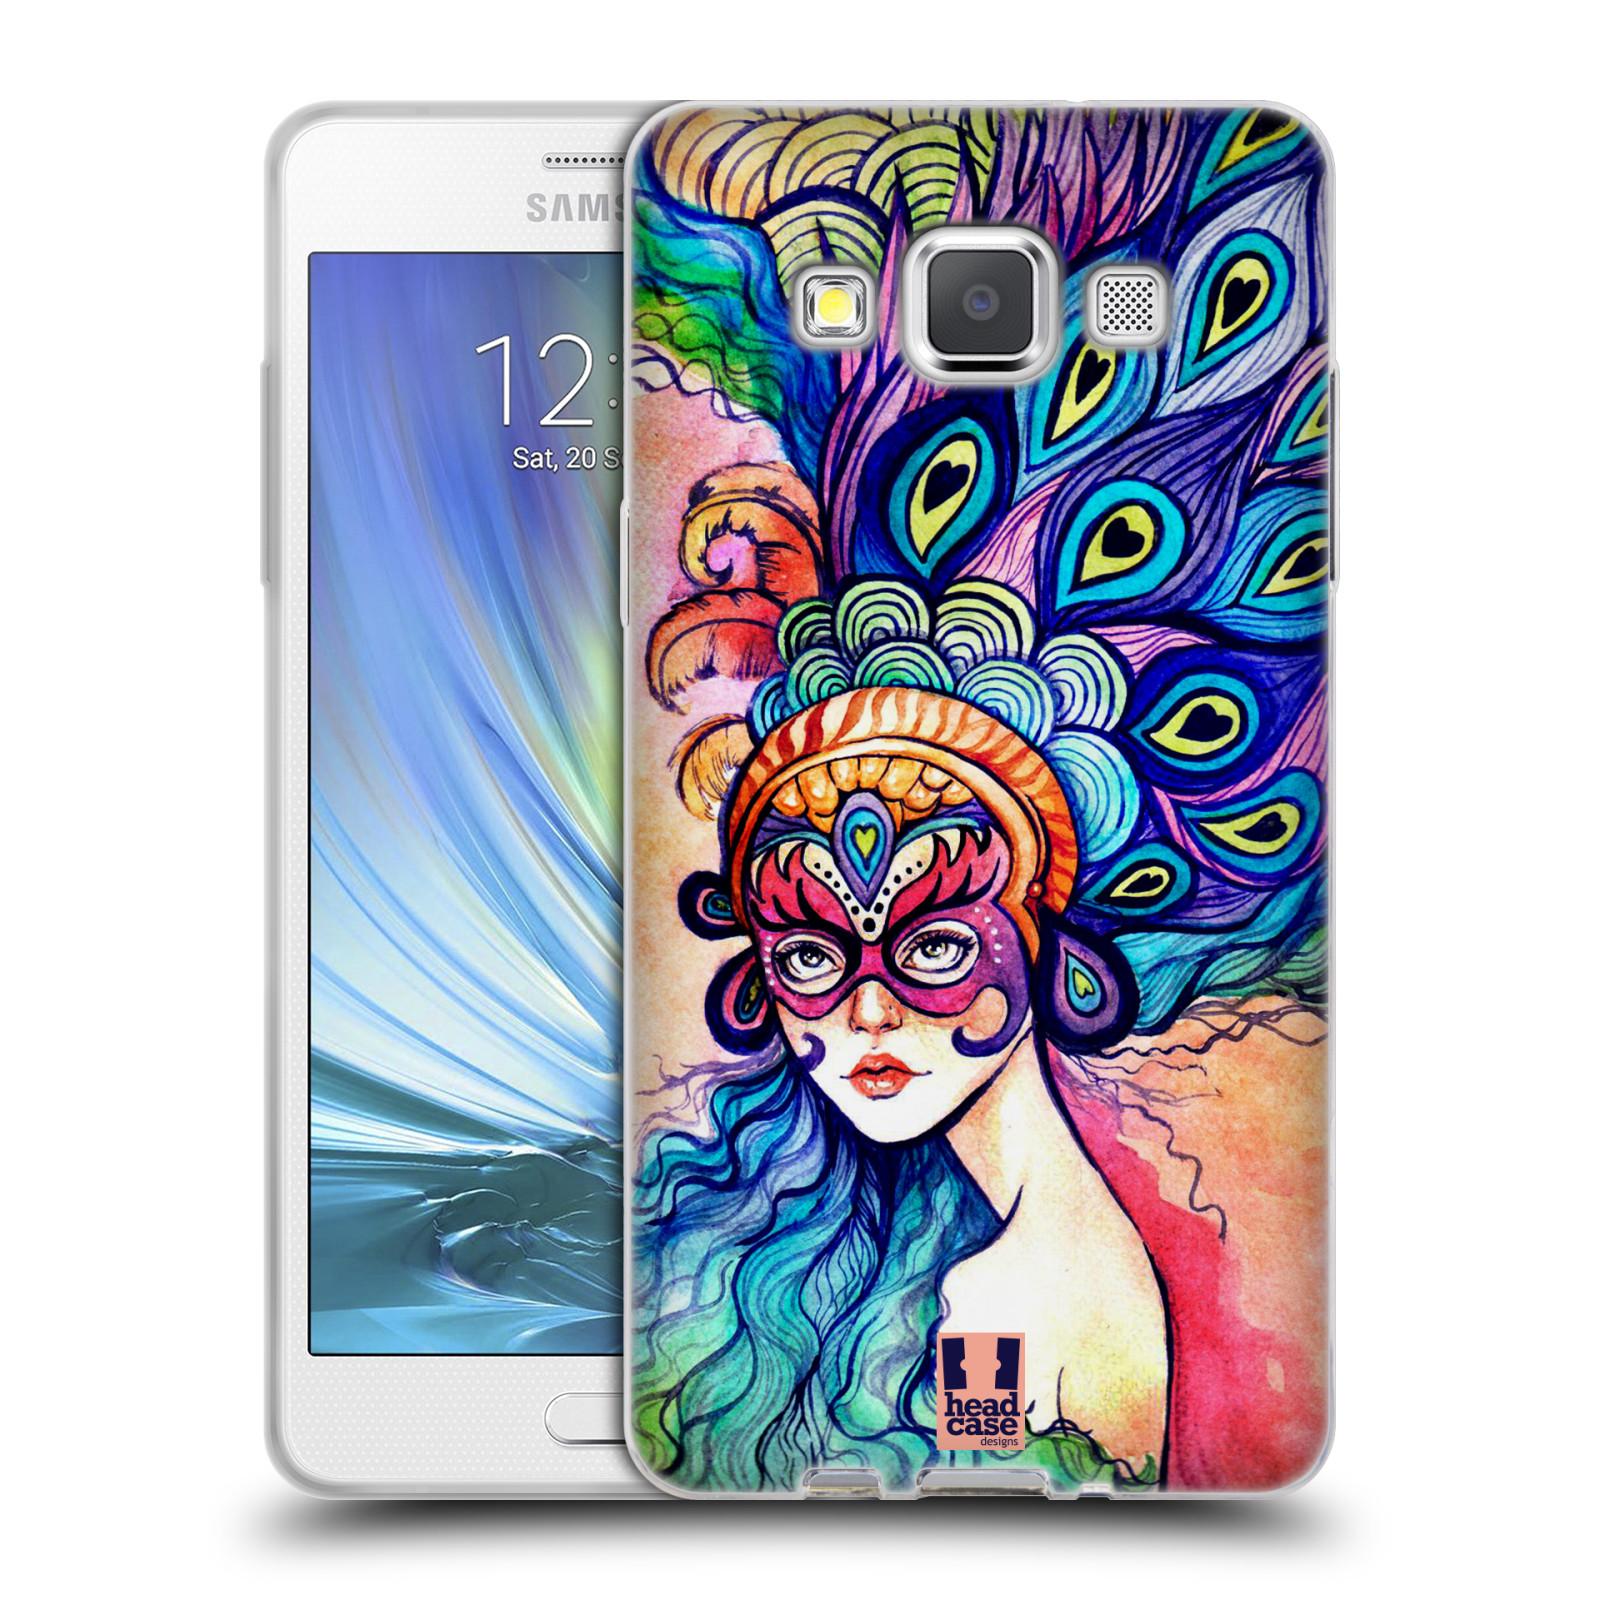 HEAD CASE silikonový obal na mobil Samsung Galaxy A5 vzor Maškarní ples masky kreslené vzory MODRÉ PÍRKA